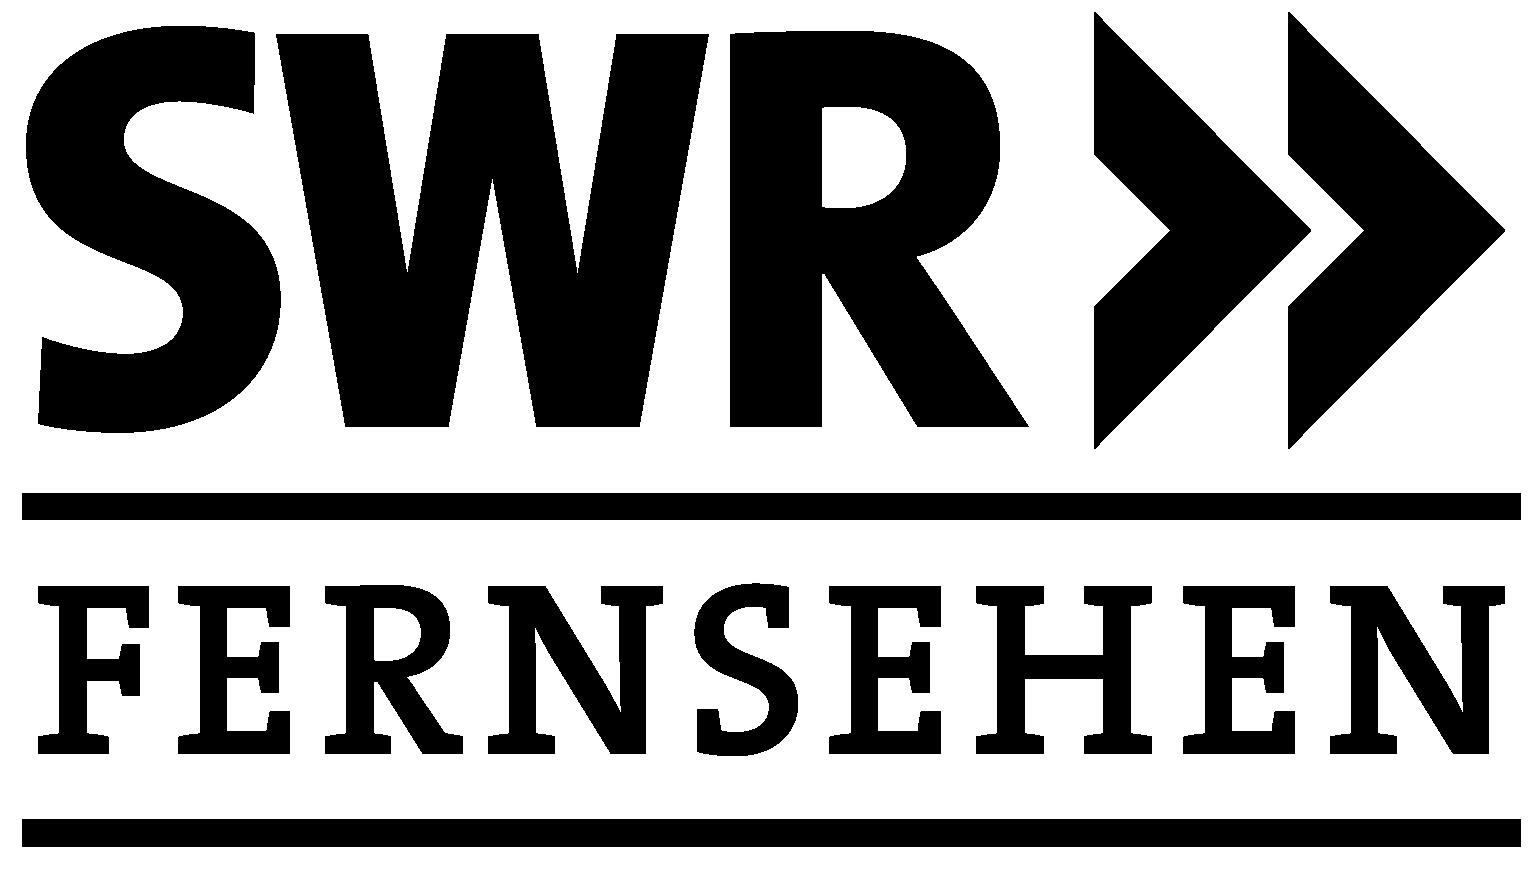 swr 3 fernsehen